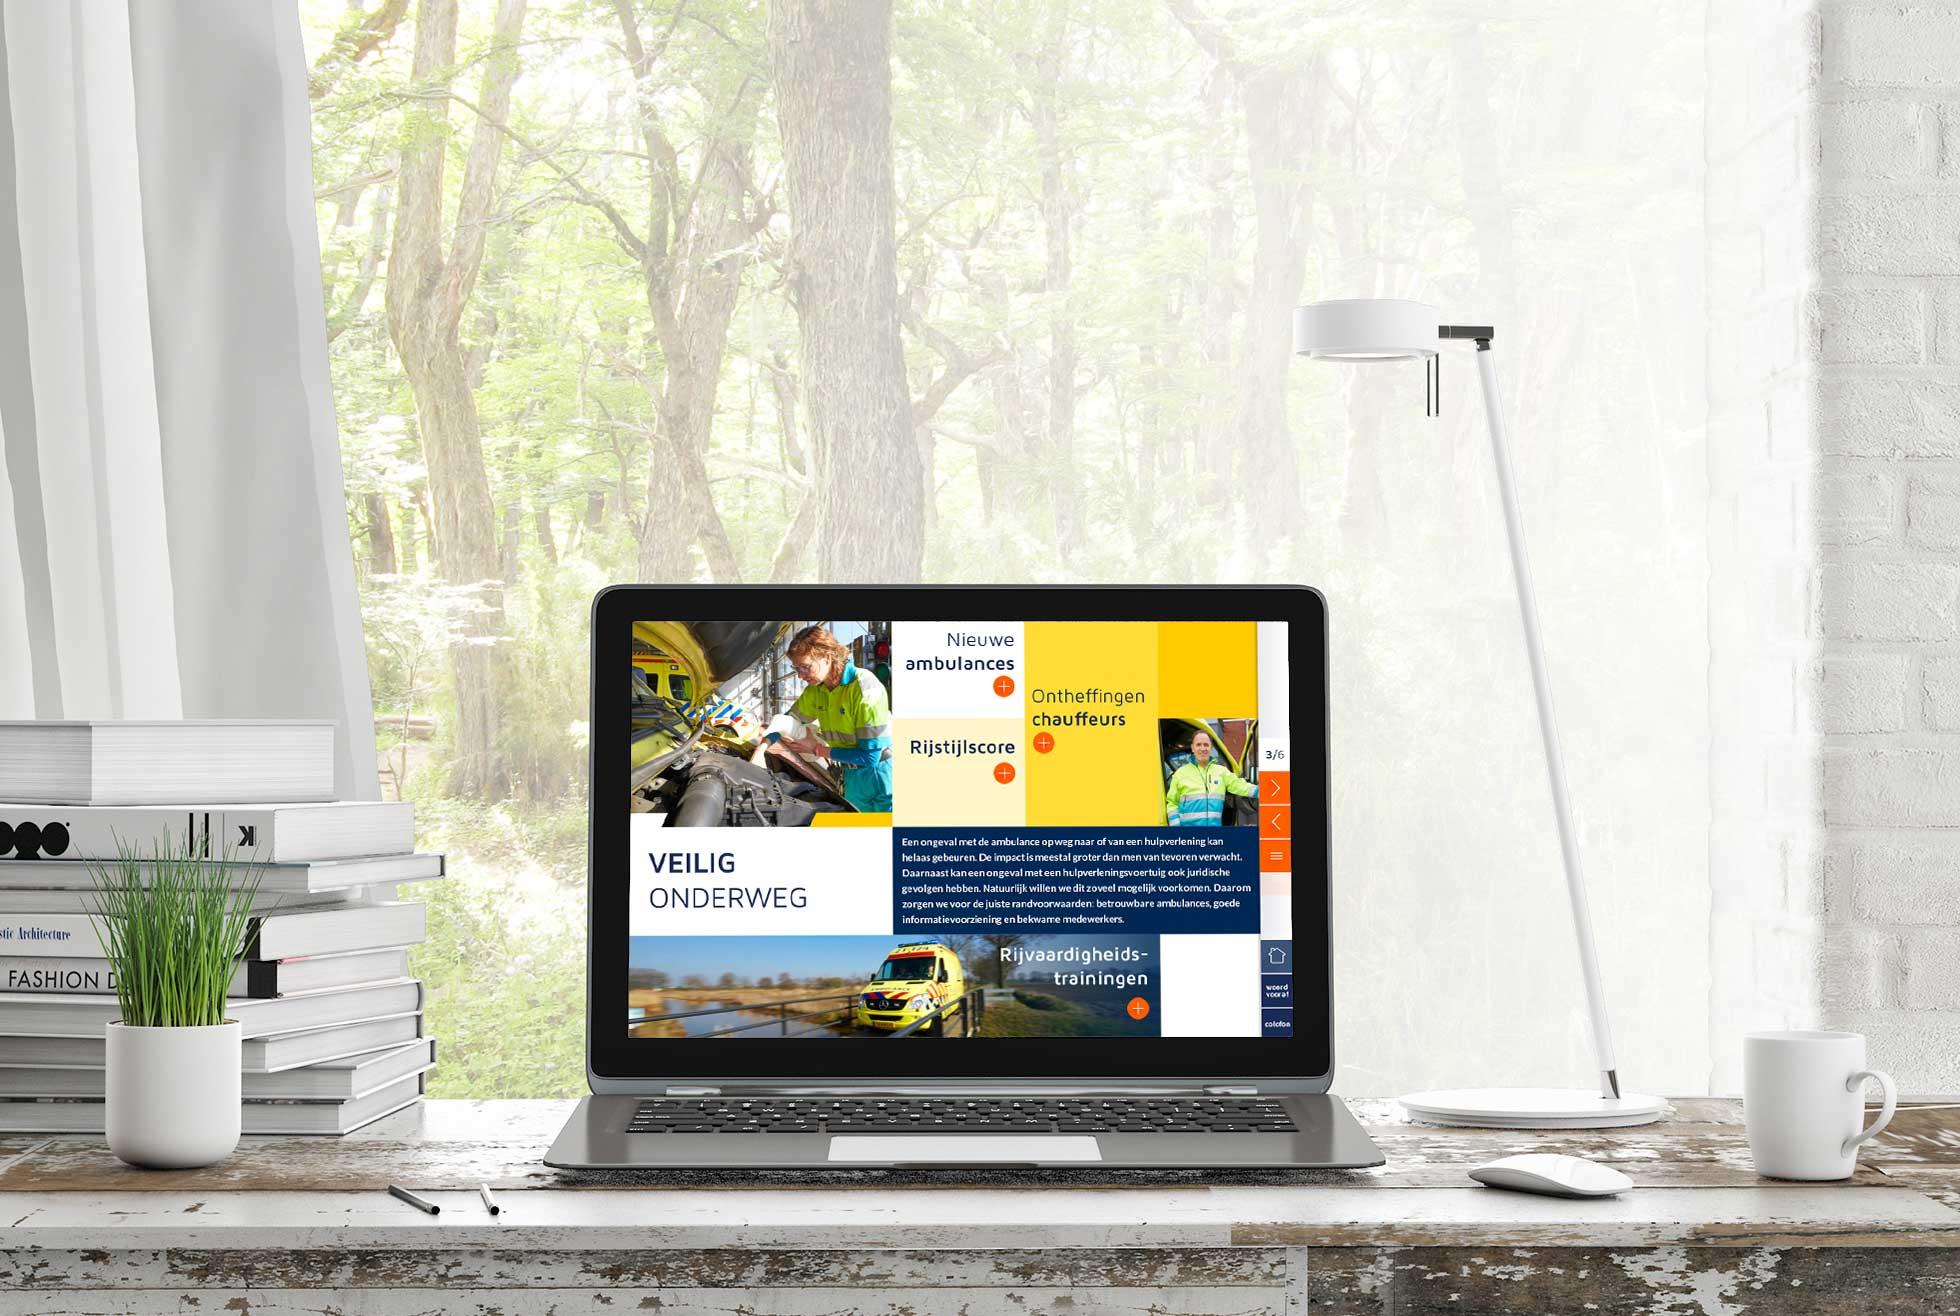 RAV digitaal jaarverslag - veilig onderweg